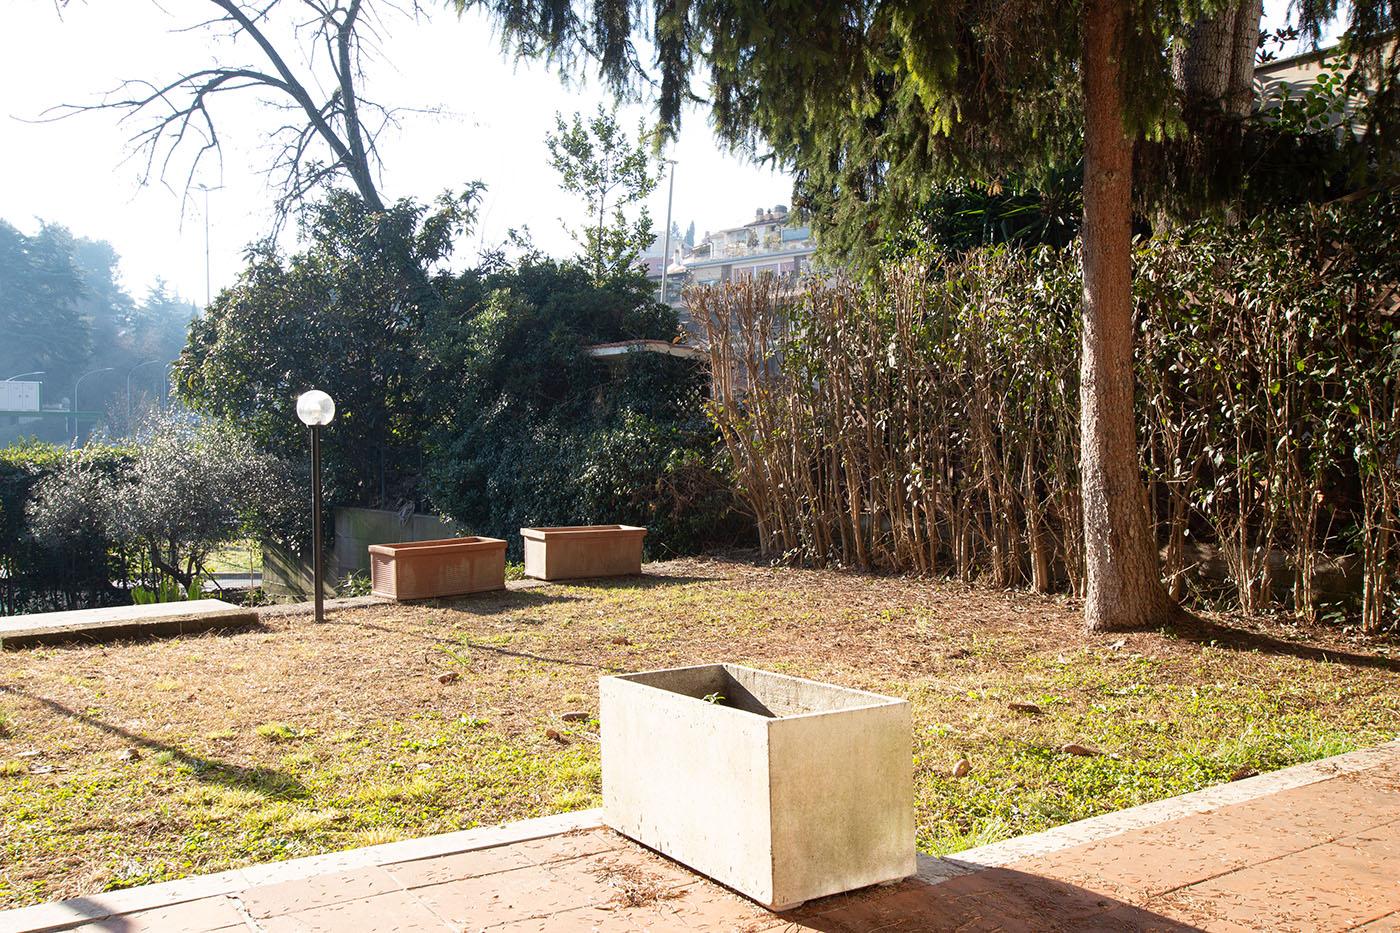 Giardino Pieve di Cadore